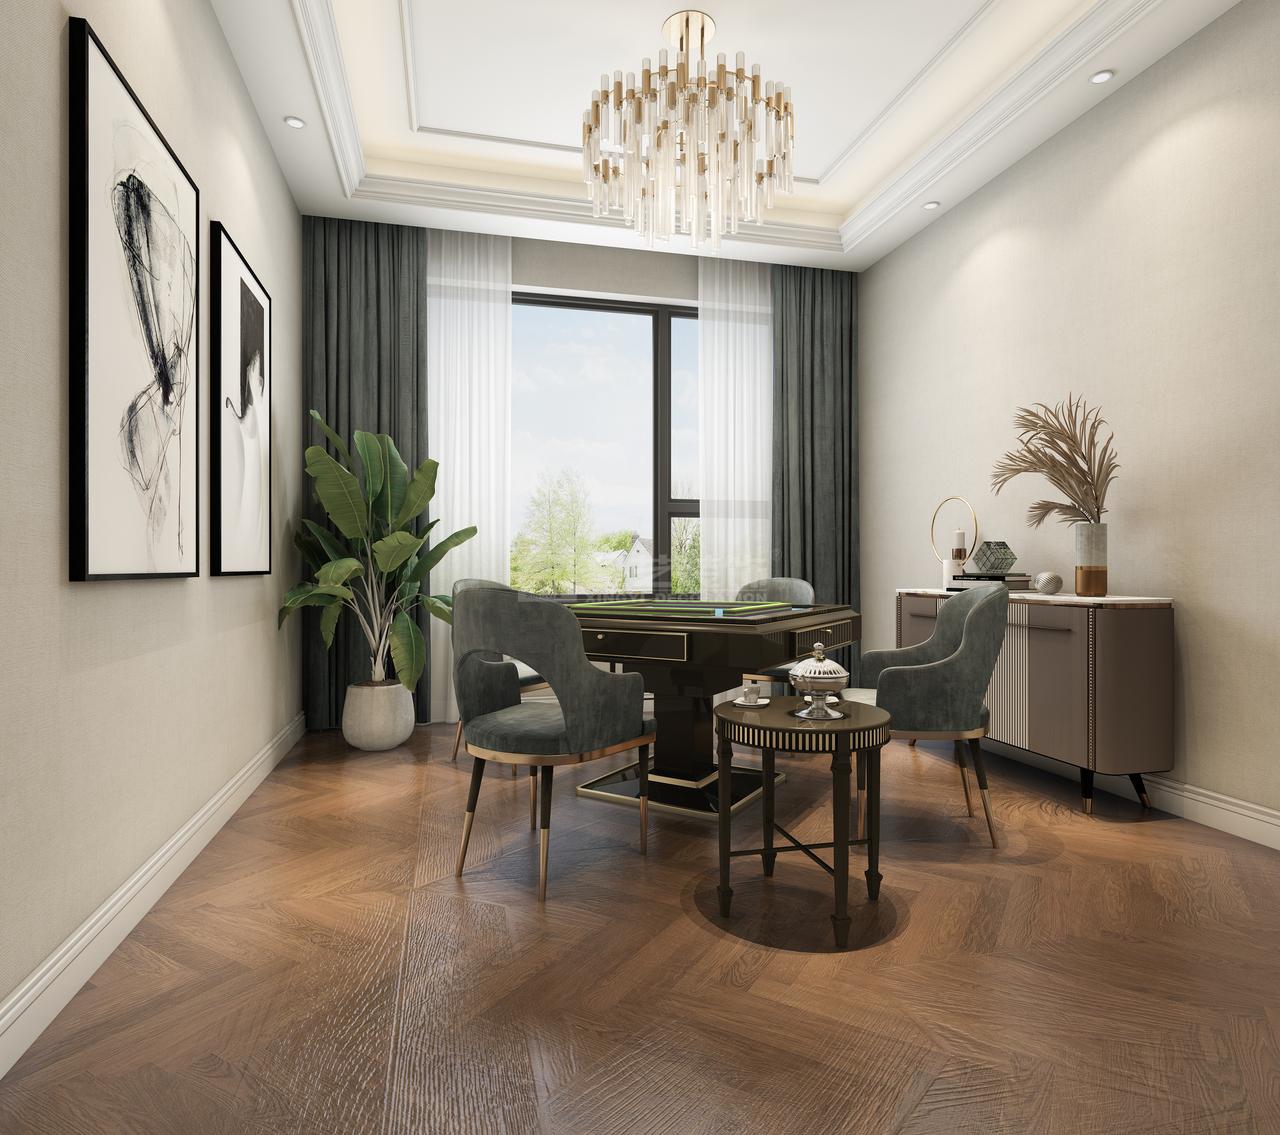 简欧风格以简单演绎精致和浪漫、从整体到局部精雕细琢、每一个空间色彩搭配,设计师都全方位去考虑,再融入现代时尚元素及欧式风格的贵气。